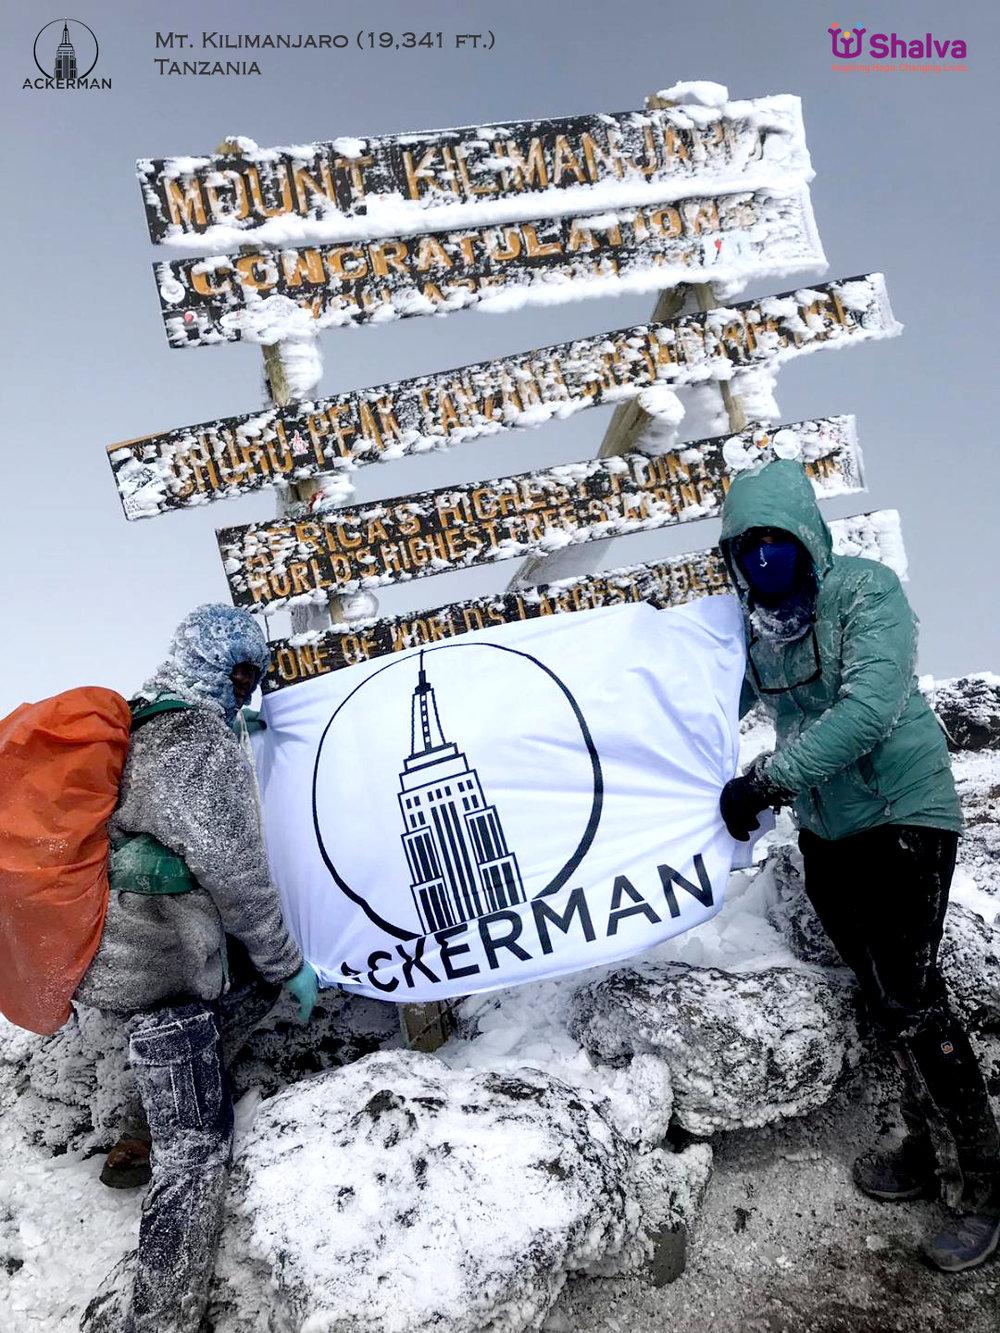 Ackerman on the Mountain Peak - Oct  2018.jpg